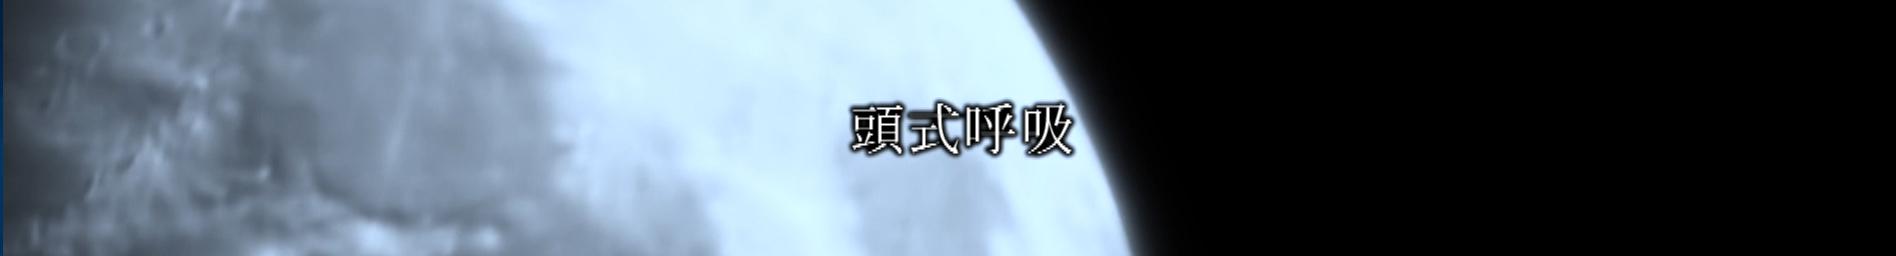 東京ボイストレーニング情報局